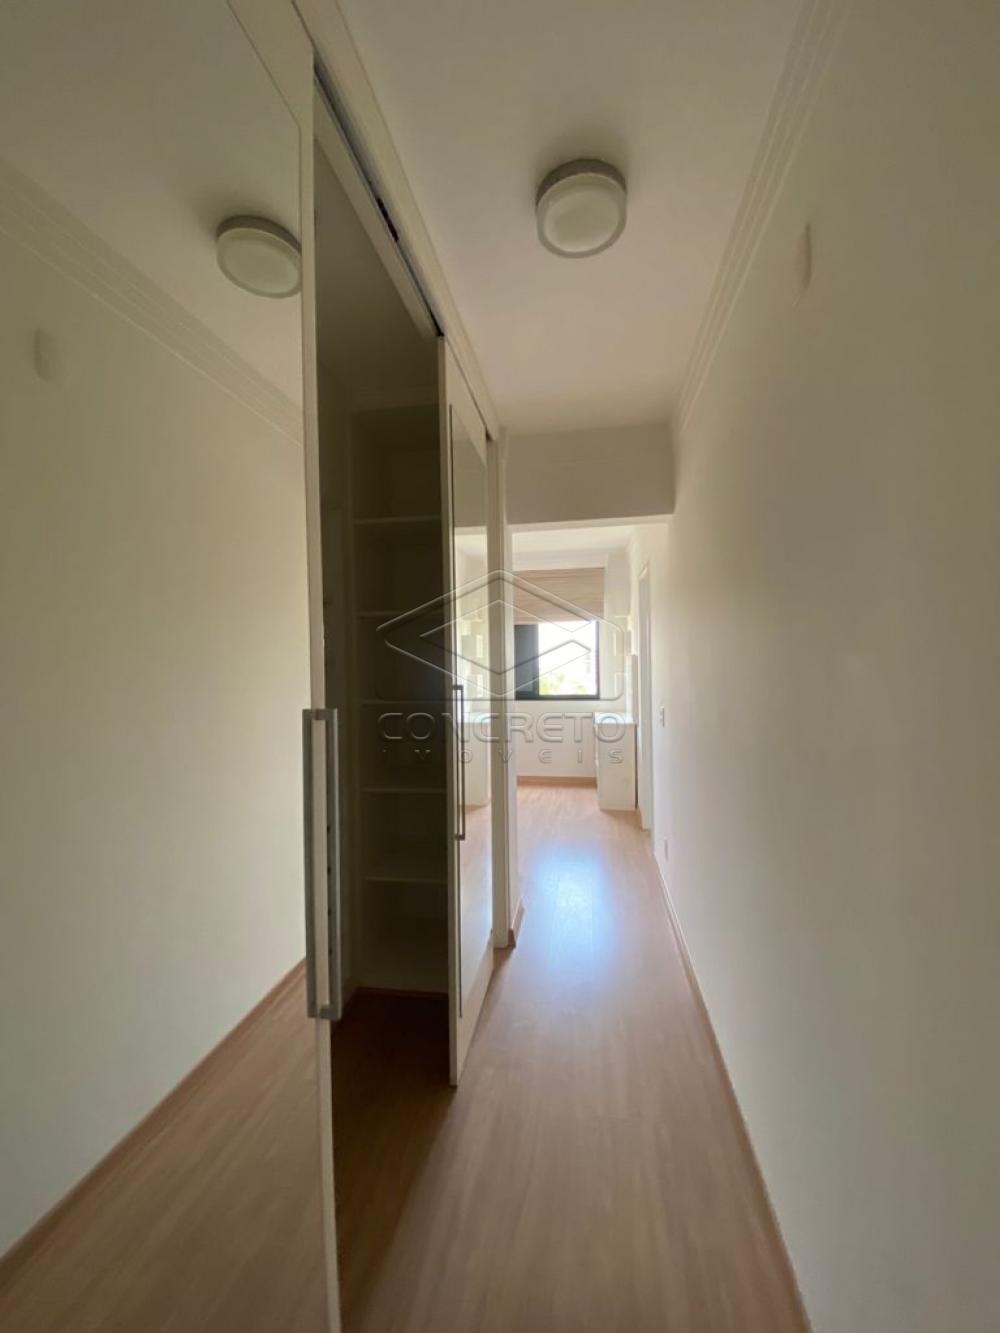 Comprar Apartamento / Padrão em Bauru R$ 830.000,00 - Foto 12